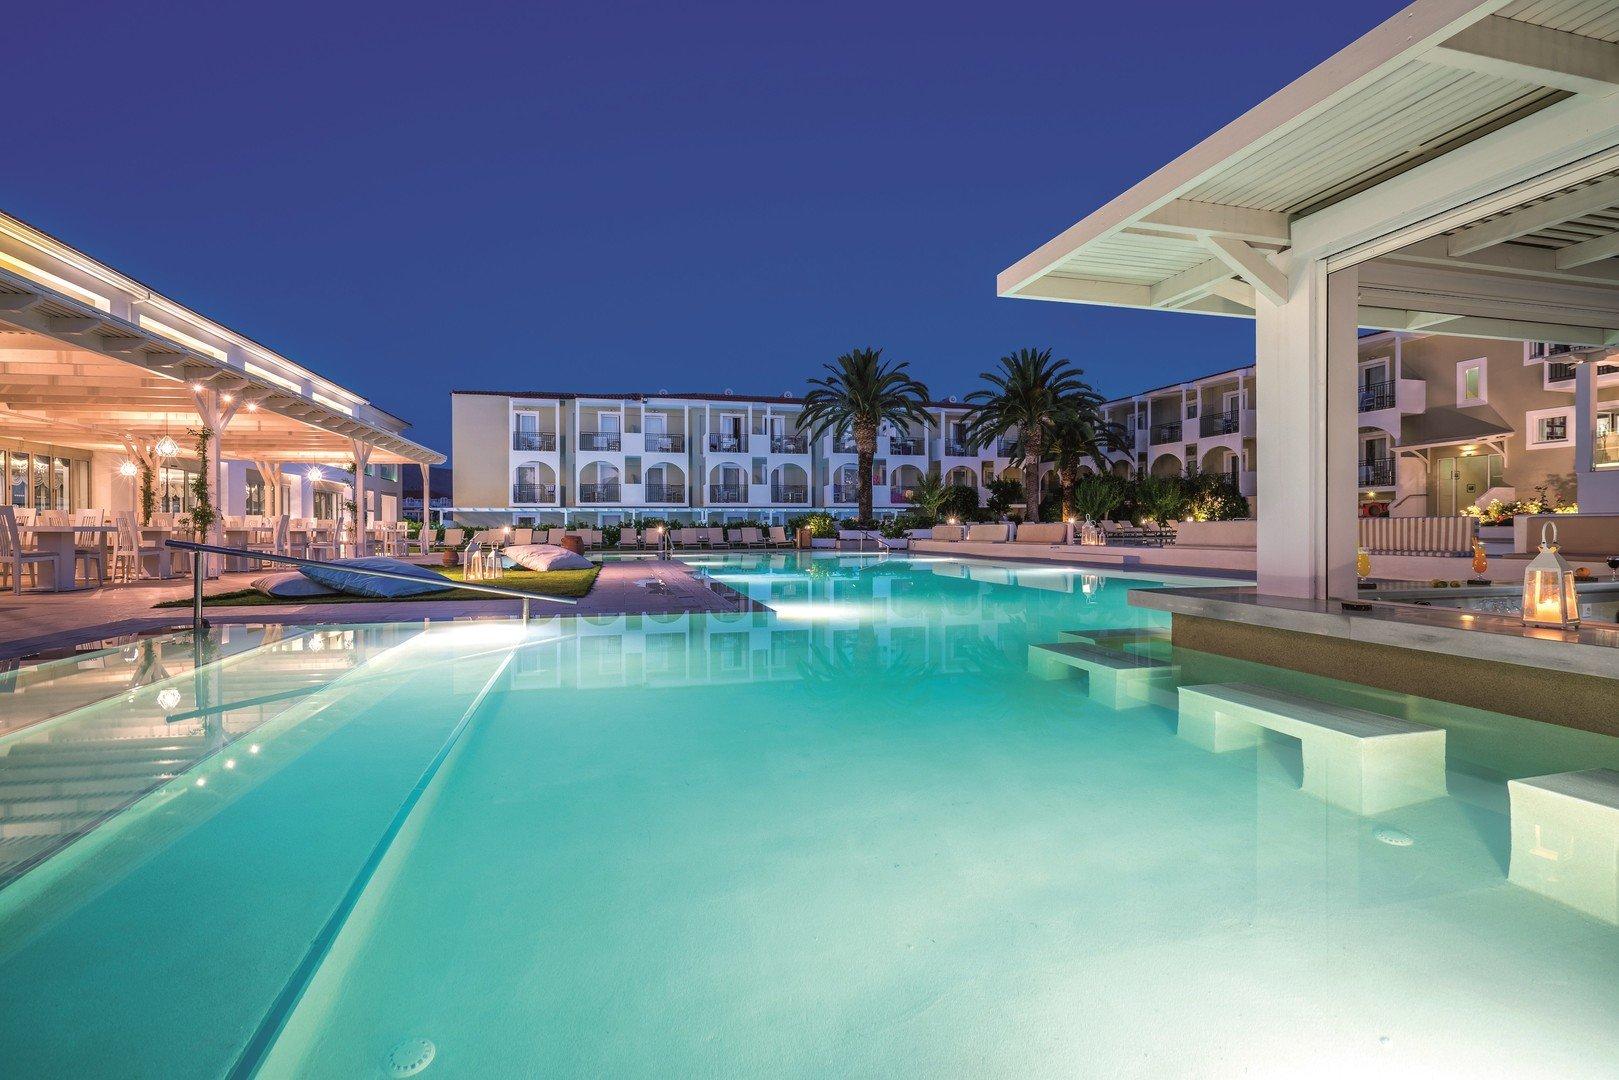 Hotel Zante Park Resort and Spa #5